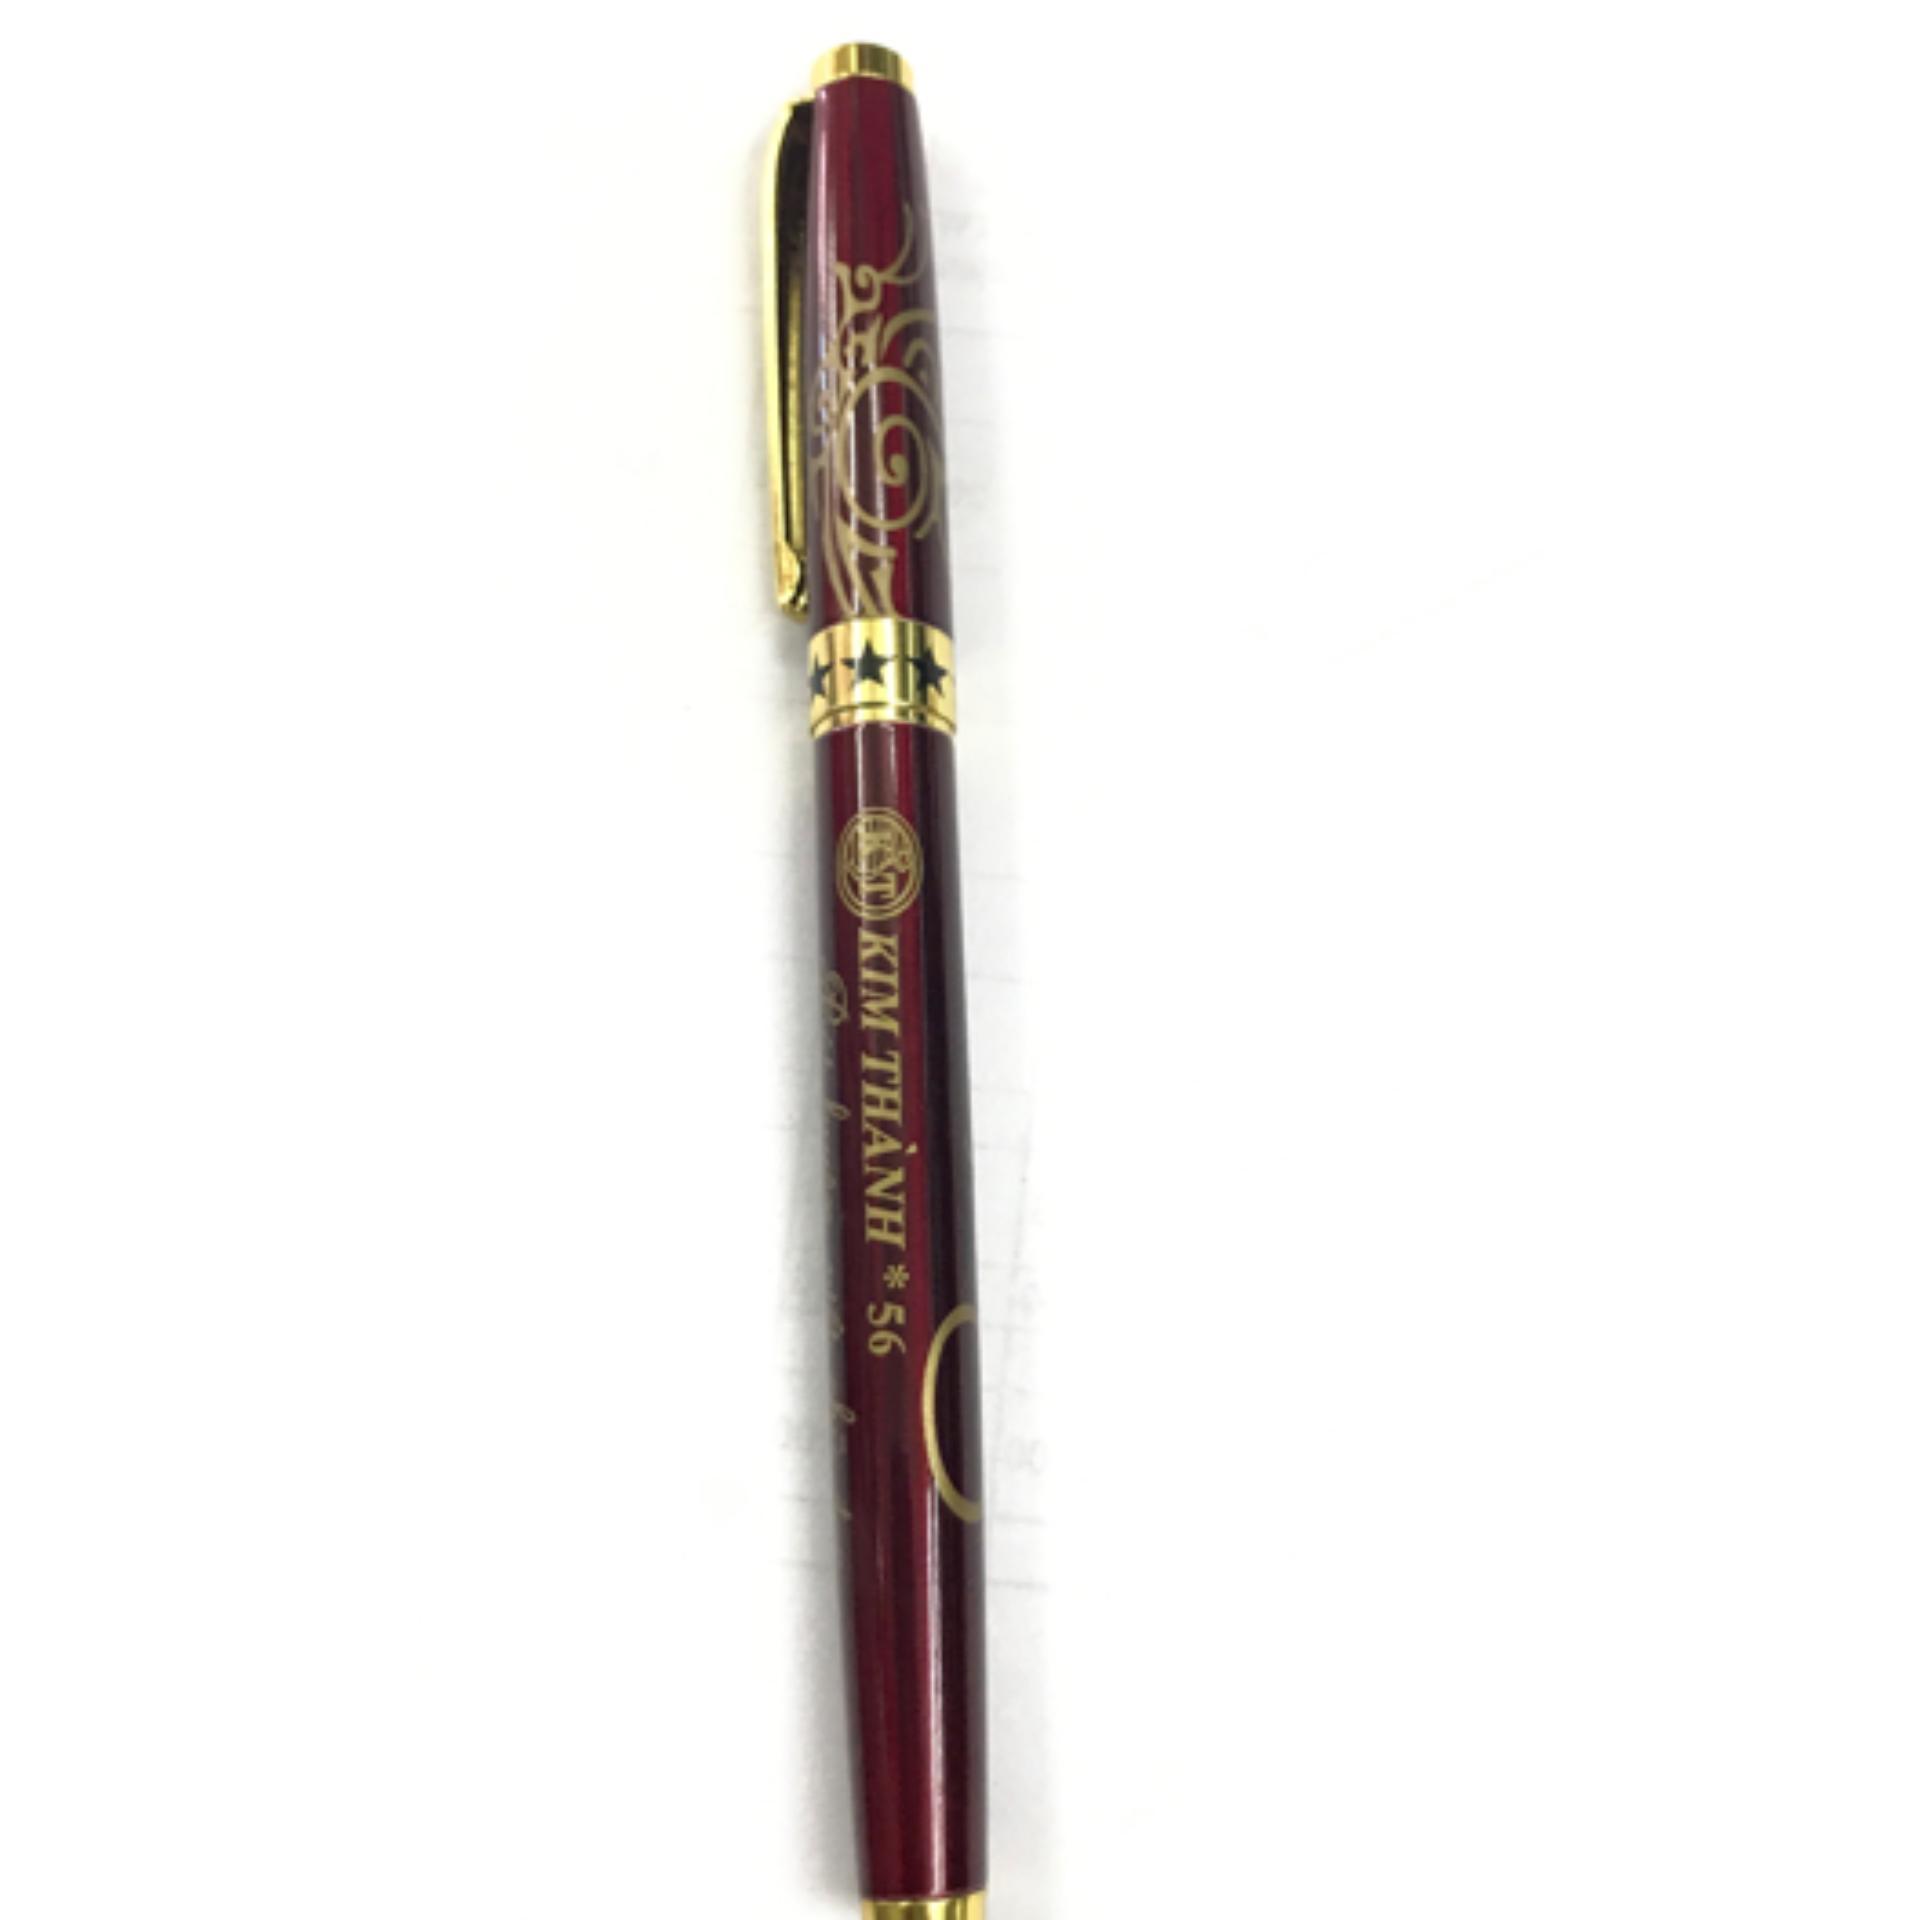 Trang bán Bút máy luyện chữ đẹp Kim Thành 56